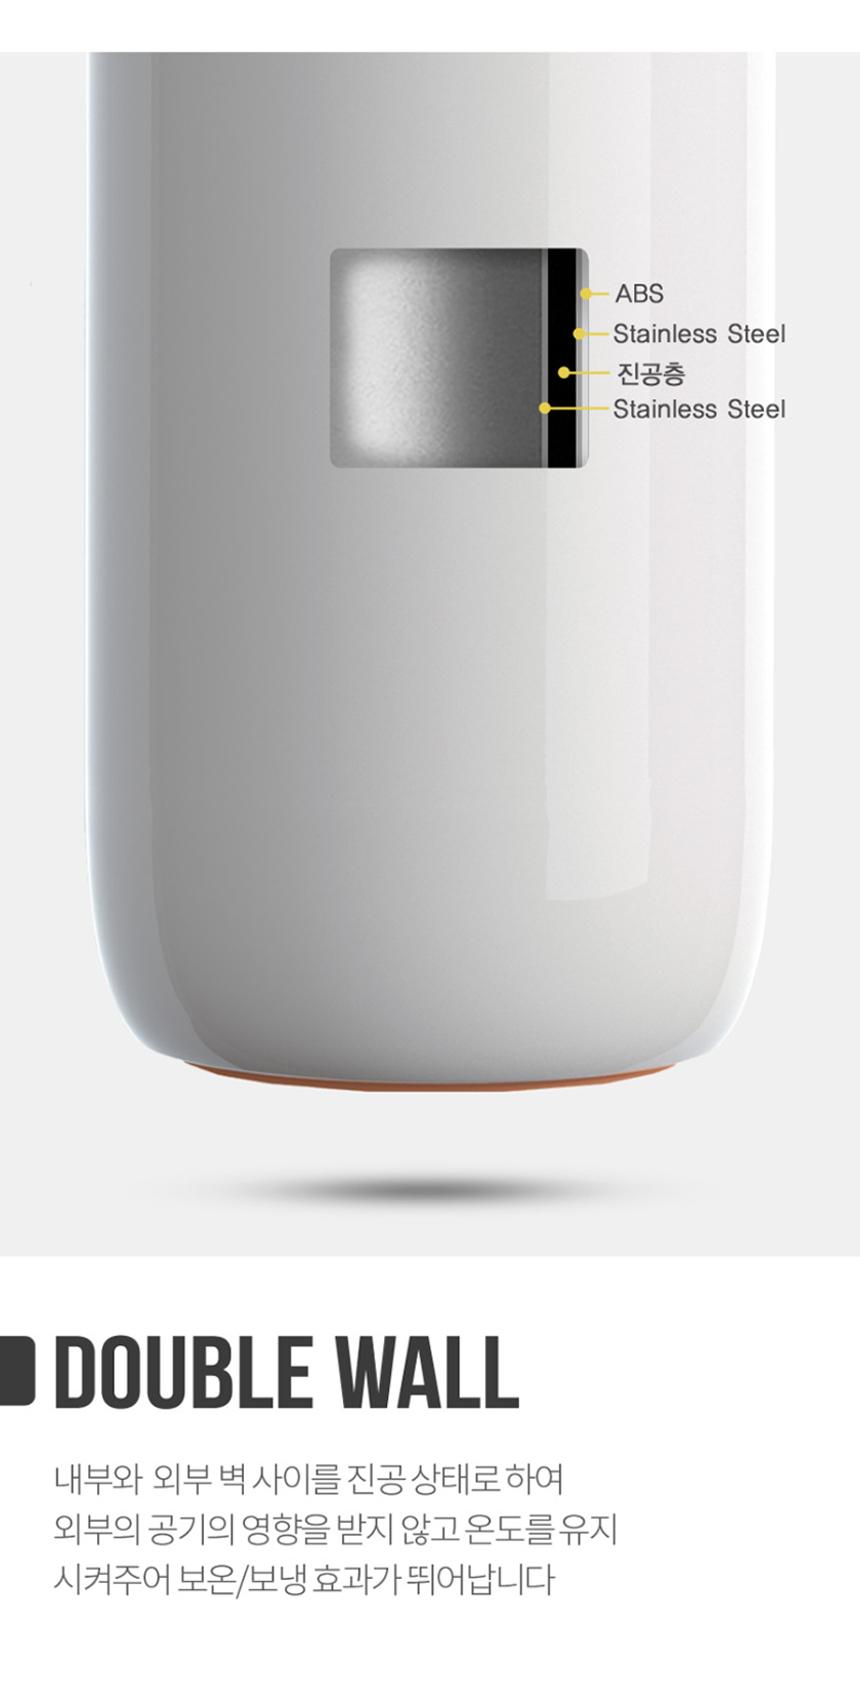 오슬로 이중진공 롤리폴리 엣지 티텀블러 400ml - 김씨하우스, 48,500원, 보틀/텀블러, 보온보냉병